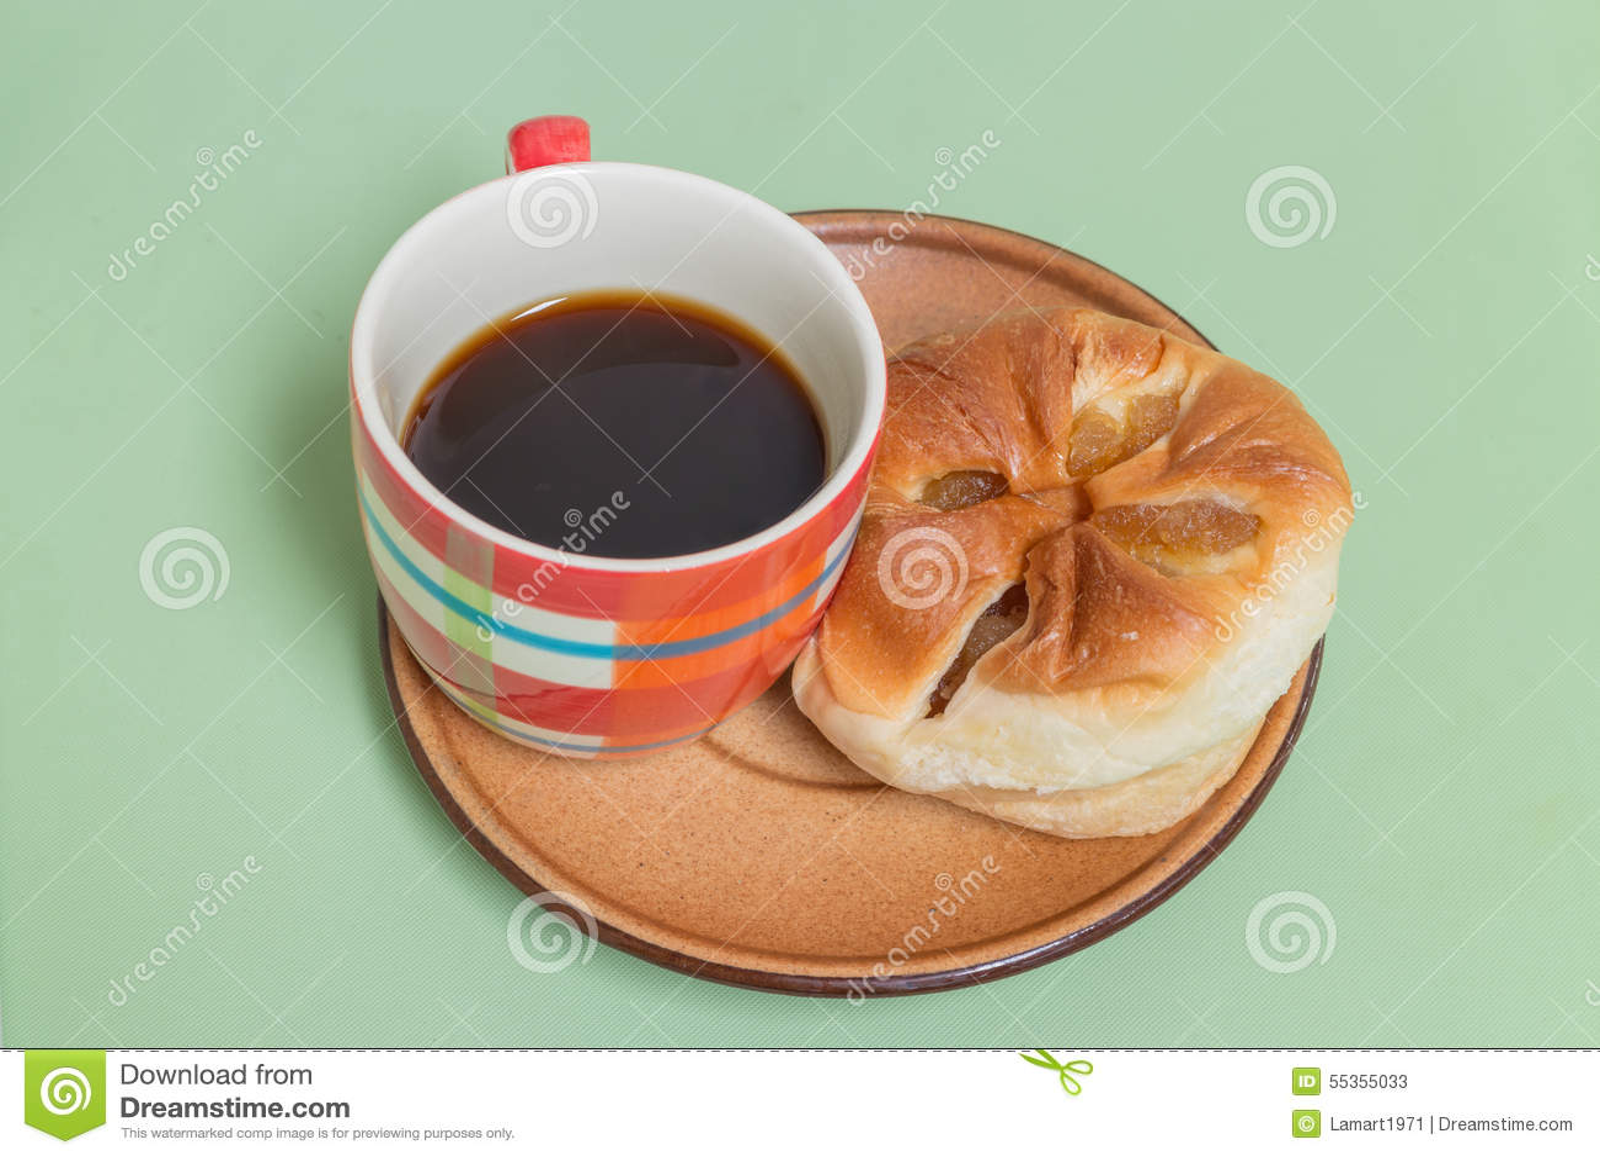 Pane dell ananas sul piatto marrone con caffè nero